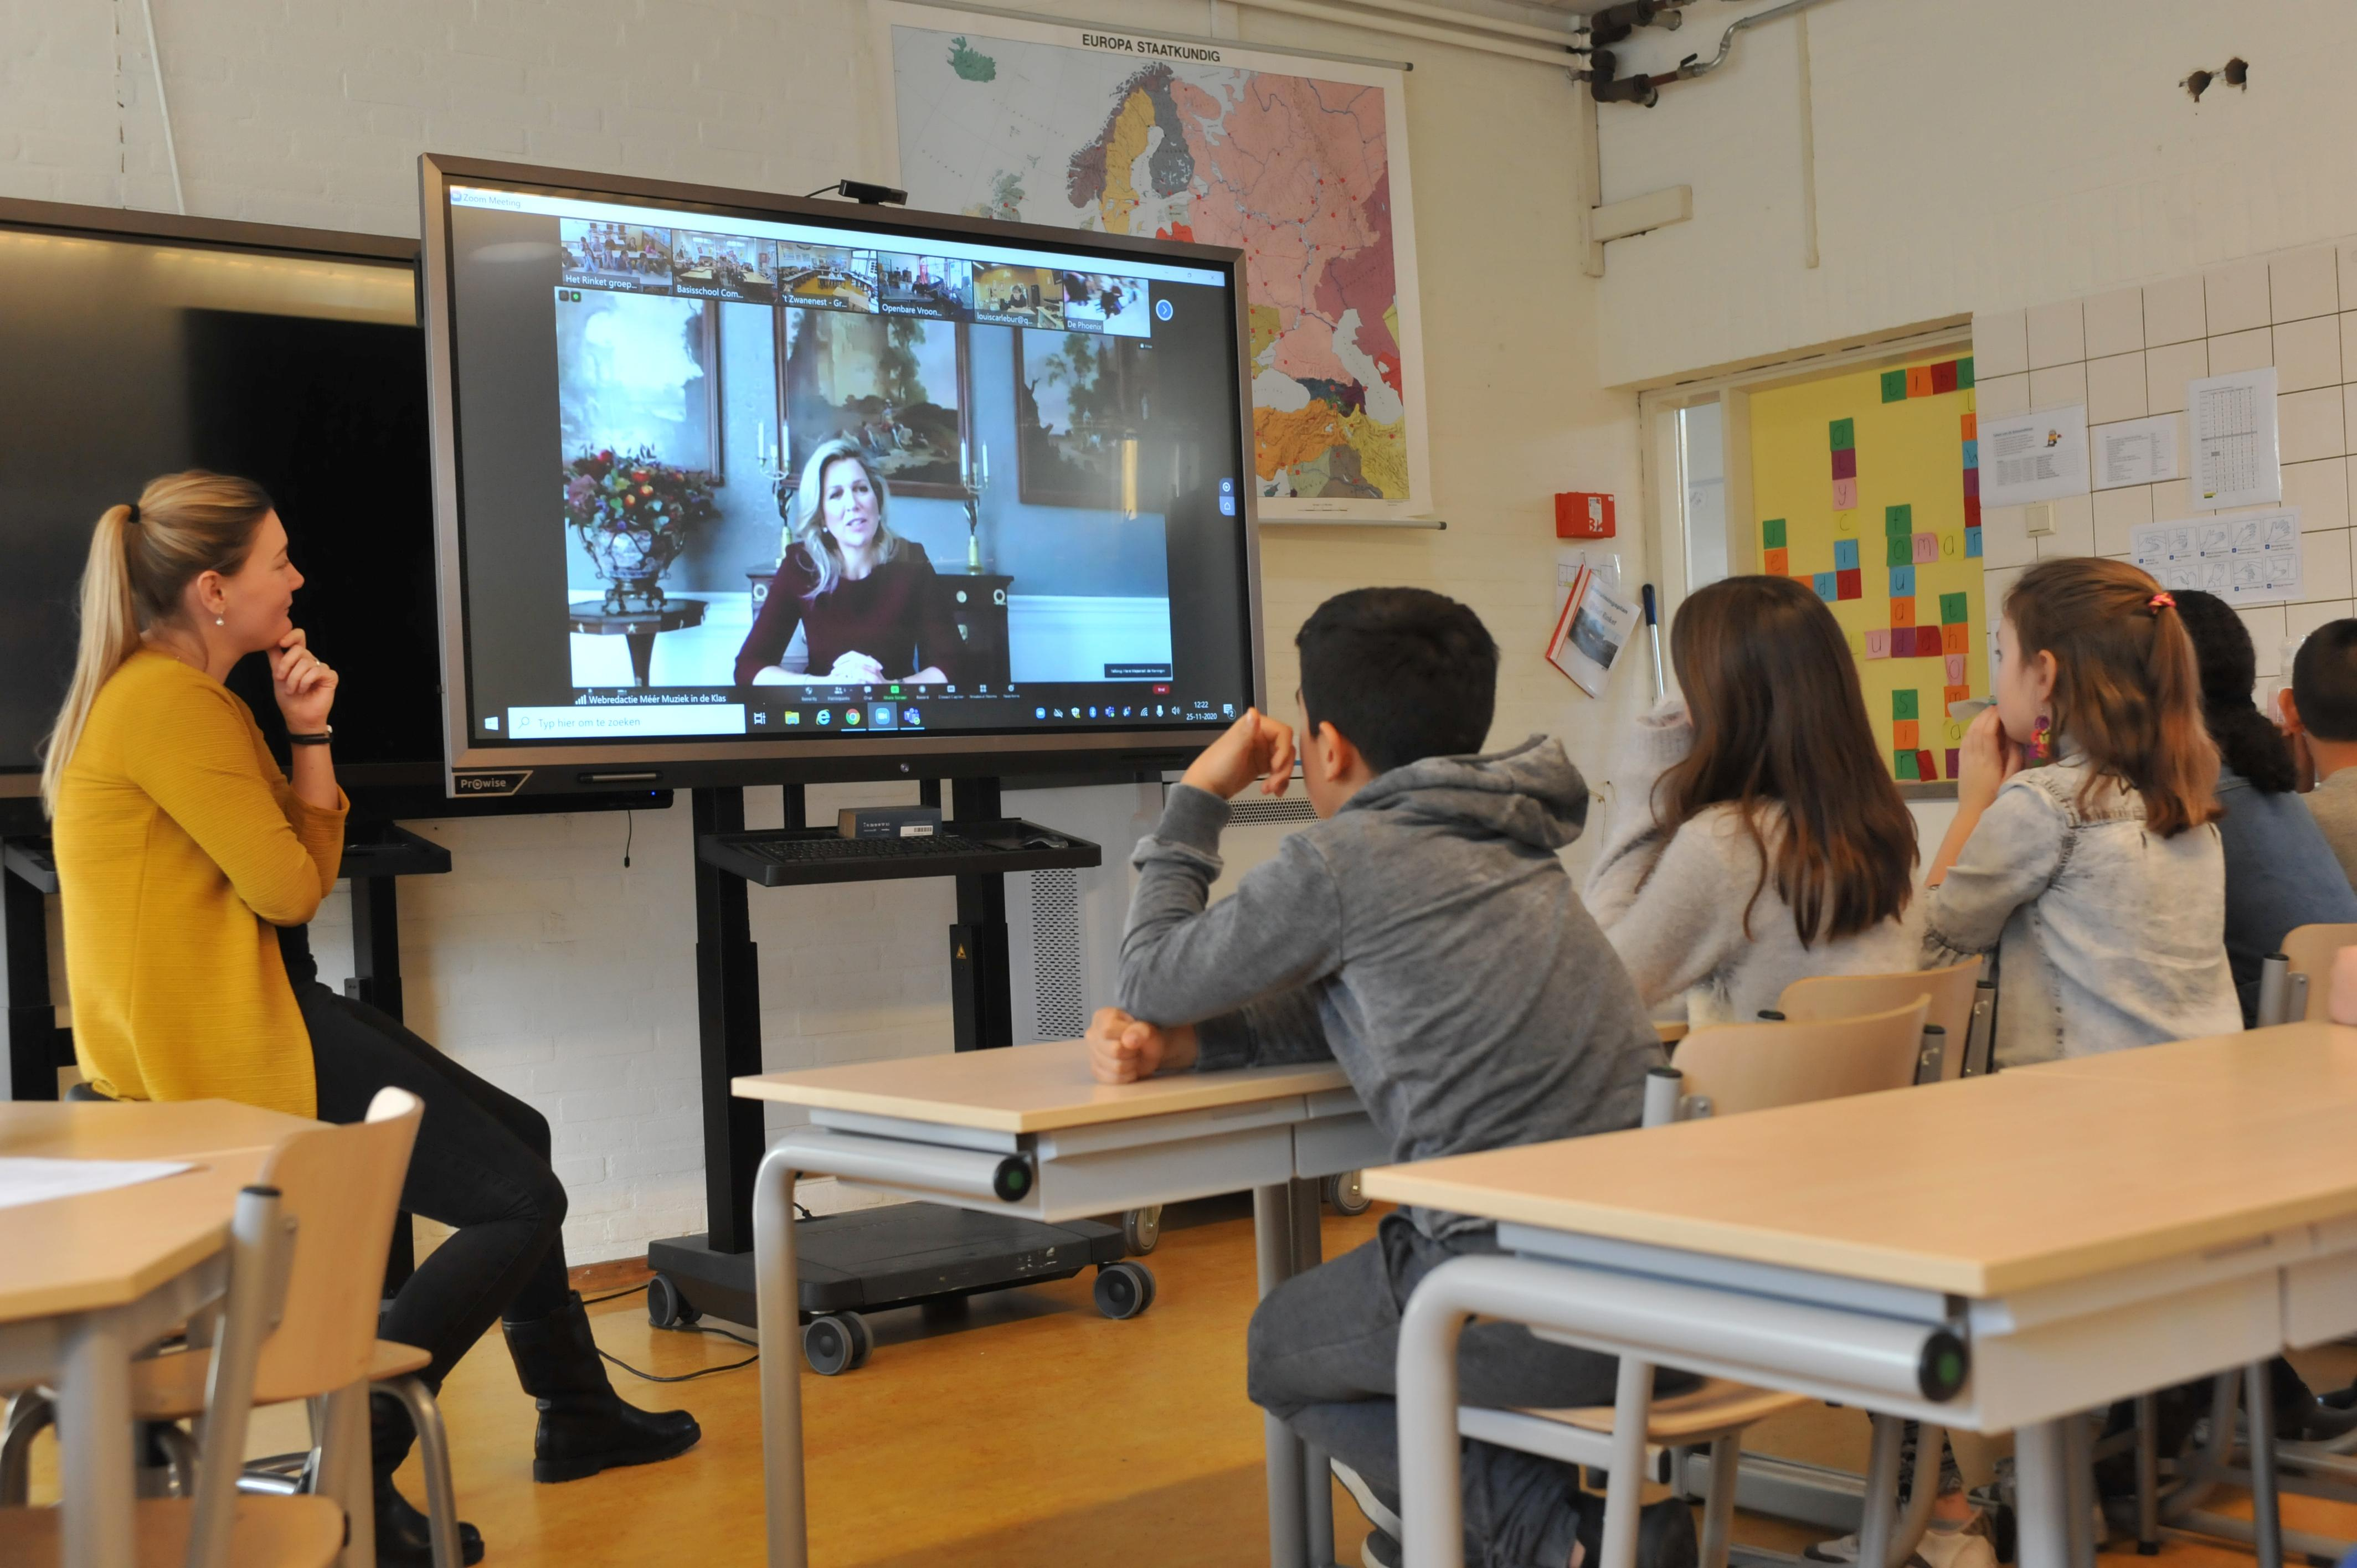 Leerlingen Het Rinket in Heemskerk tonen roffelkunsten aan Máxima. En dat allemaal voor meer muziek in de klas